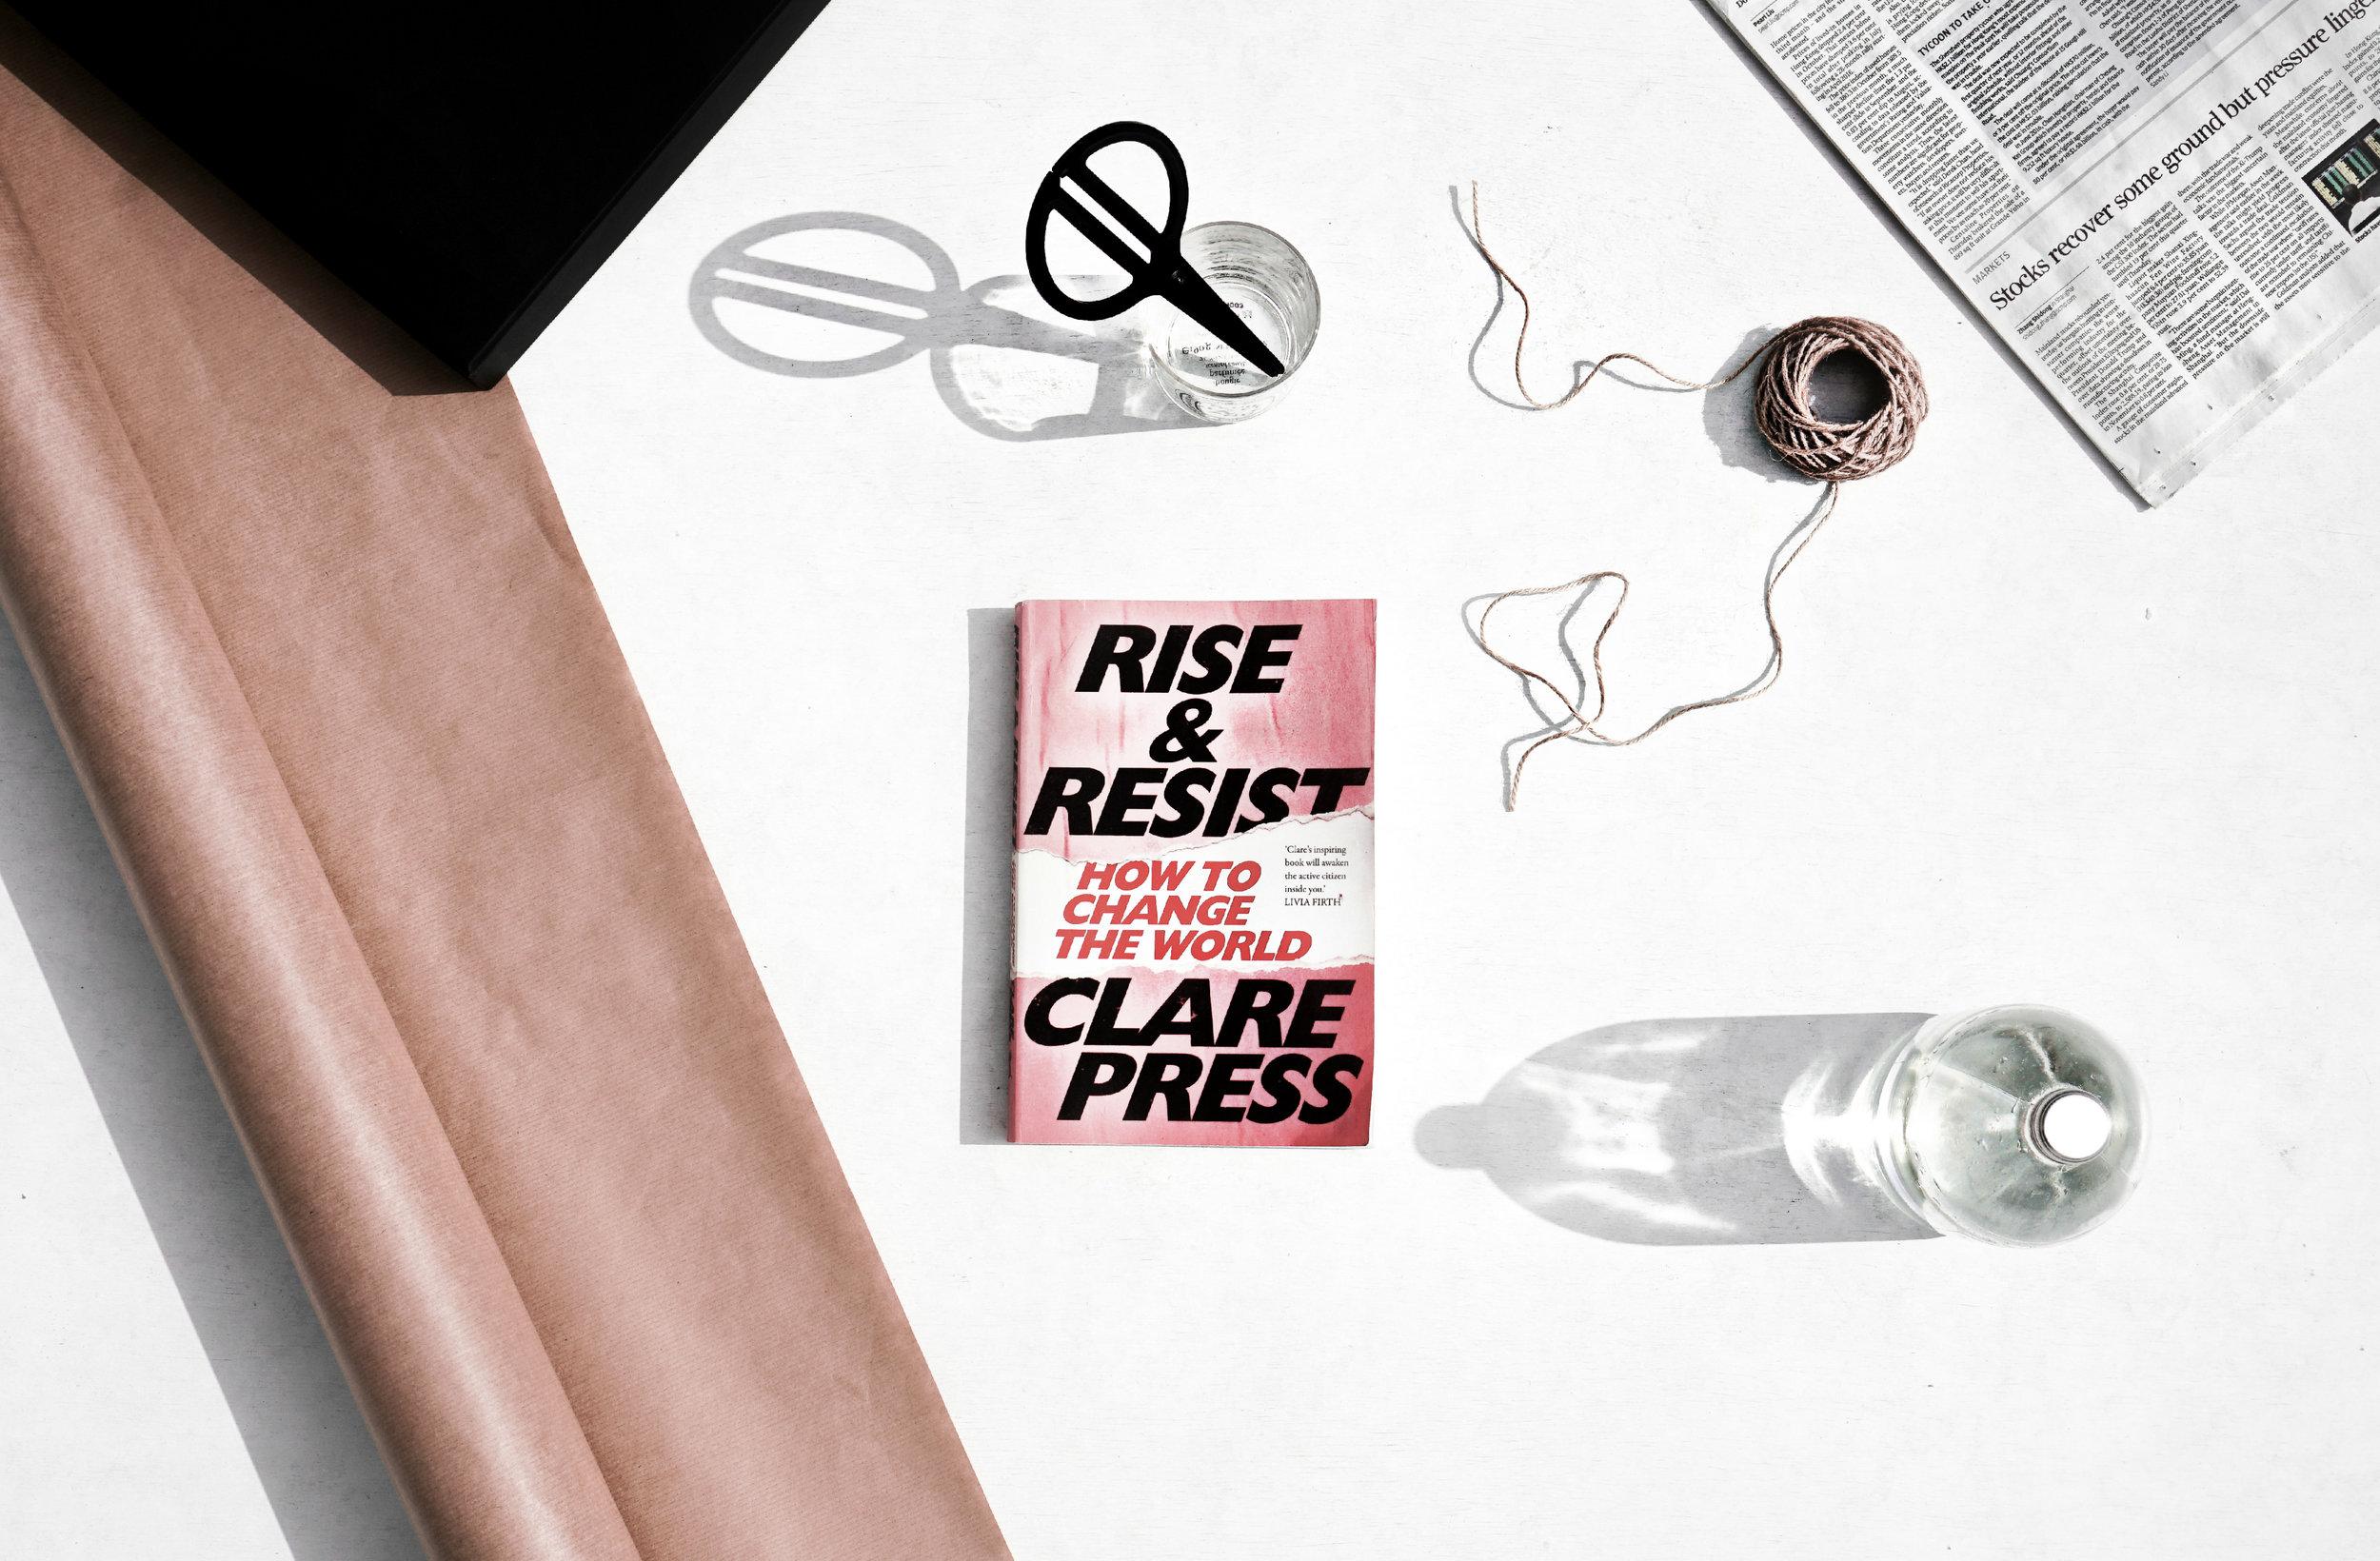 Conscious consumerism Clare Press Jo Lorenz